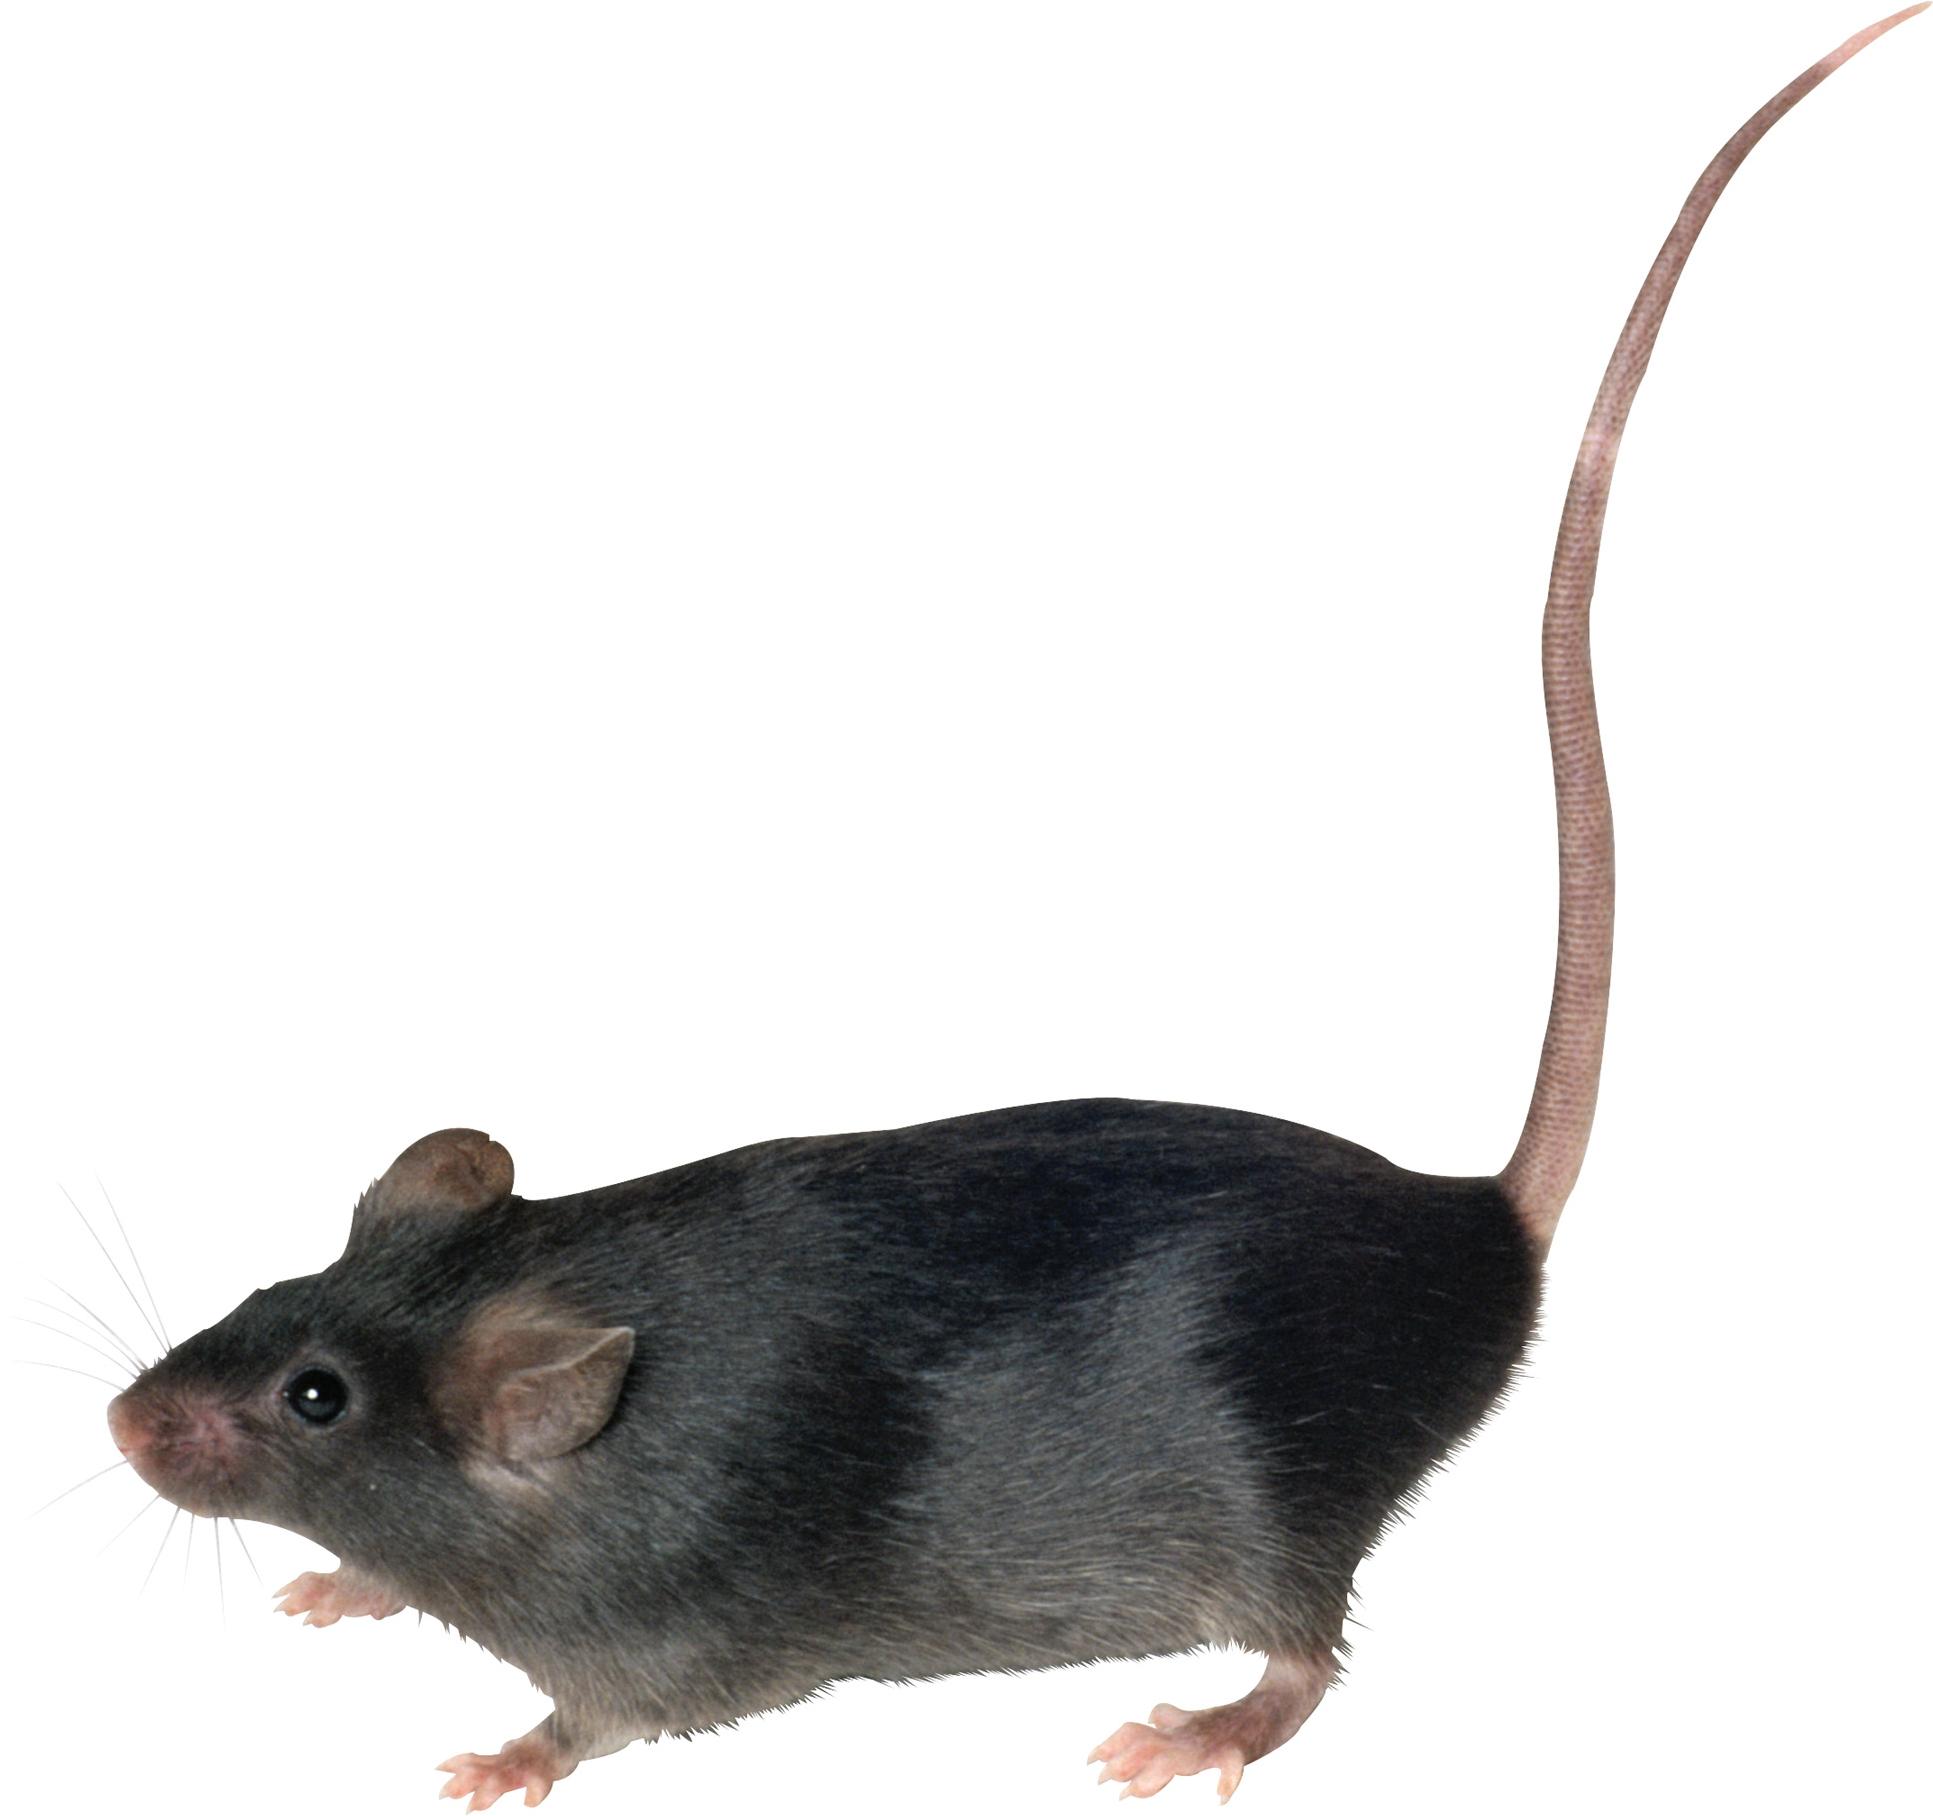 Rat PNG - 17986